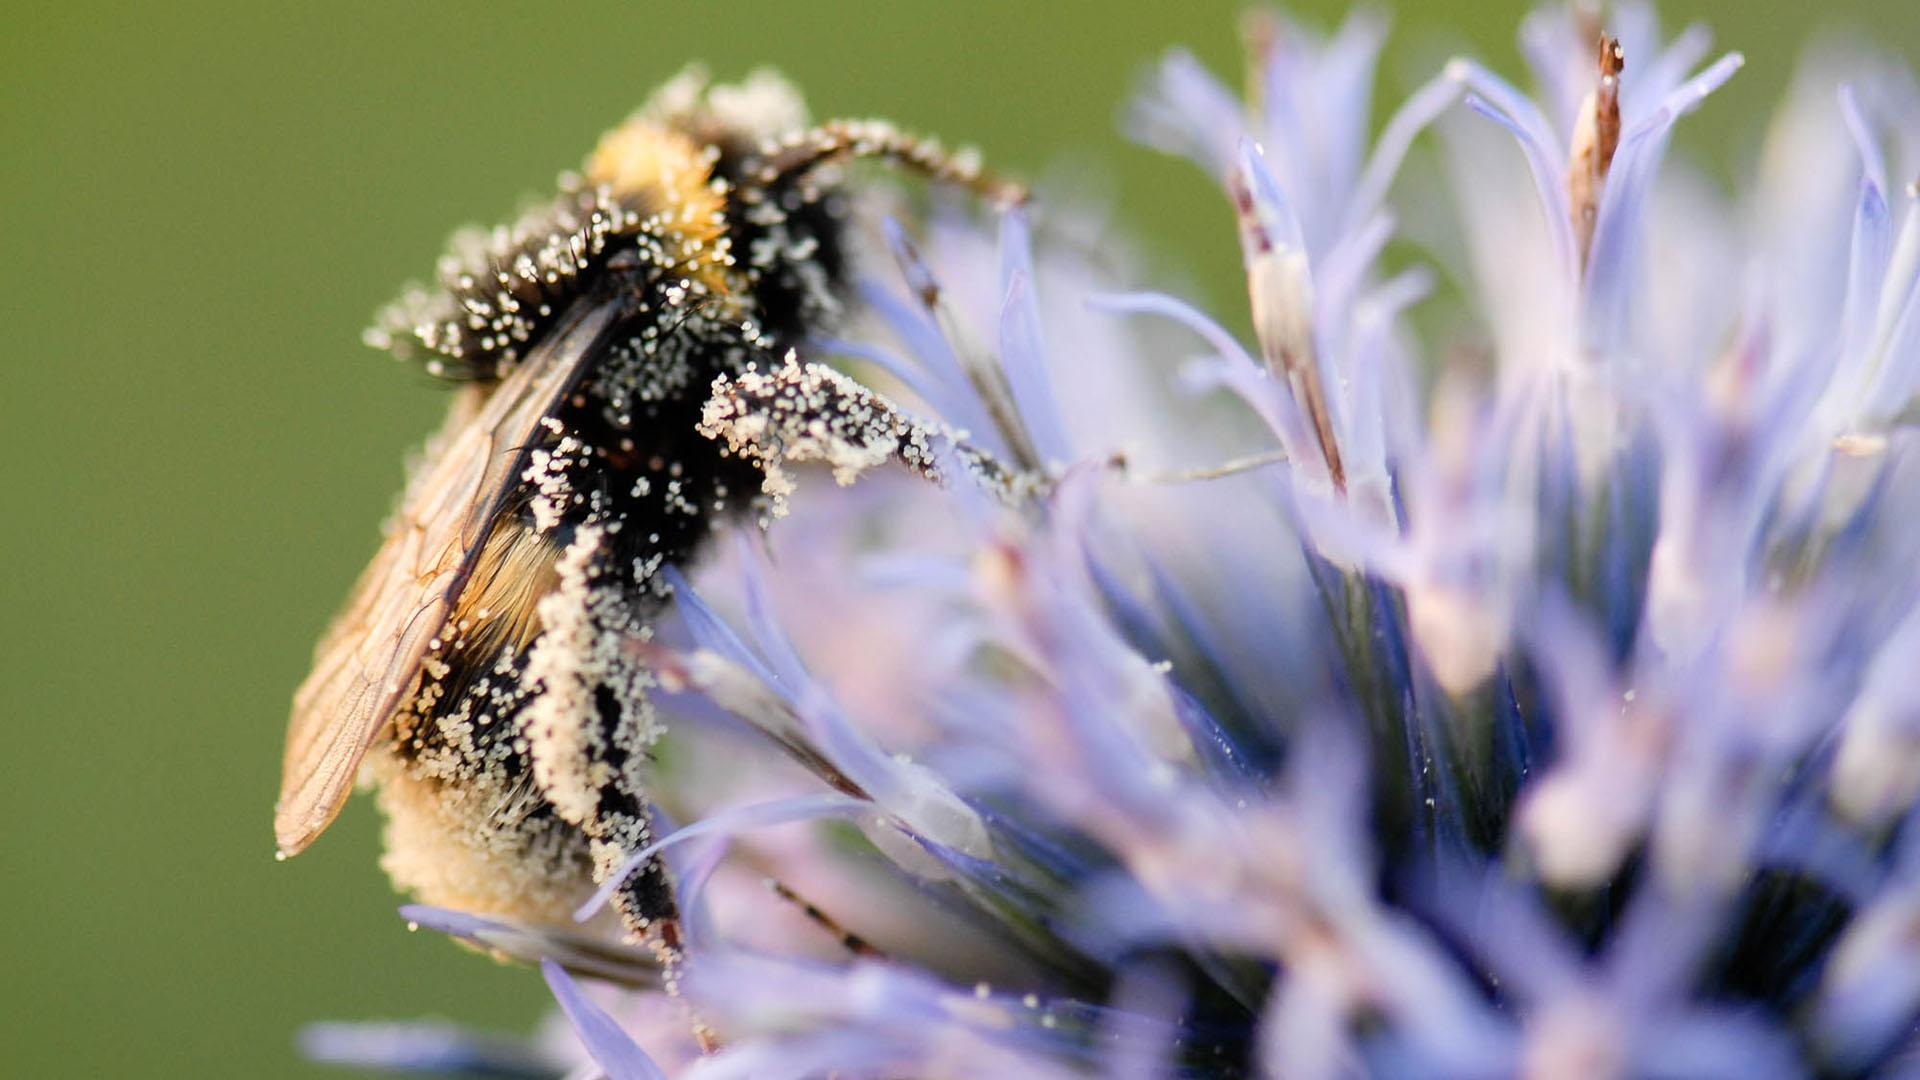 Les insectes pollinisateurs nous en mettent plein la vue